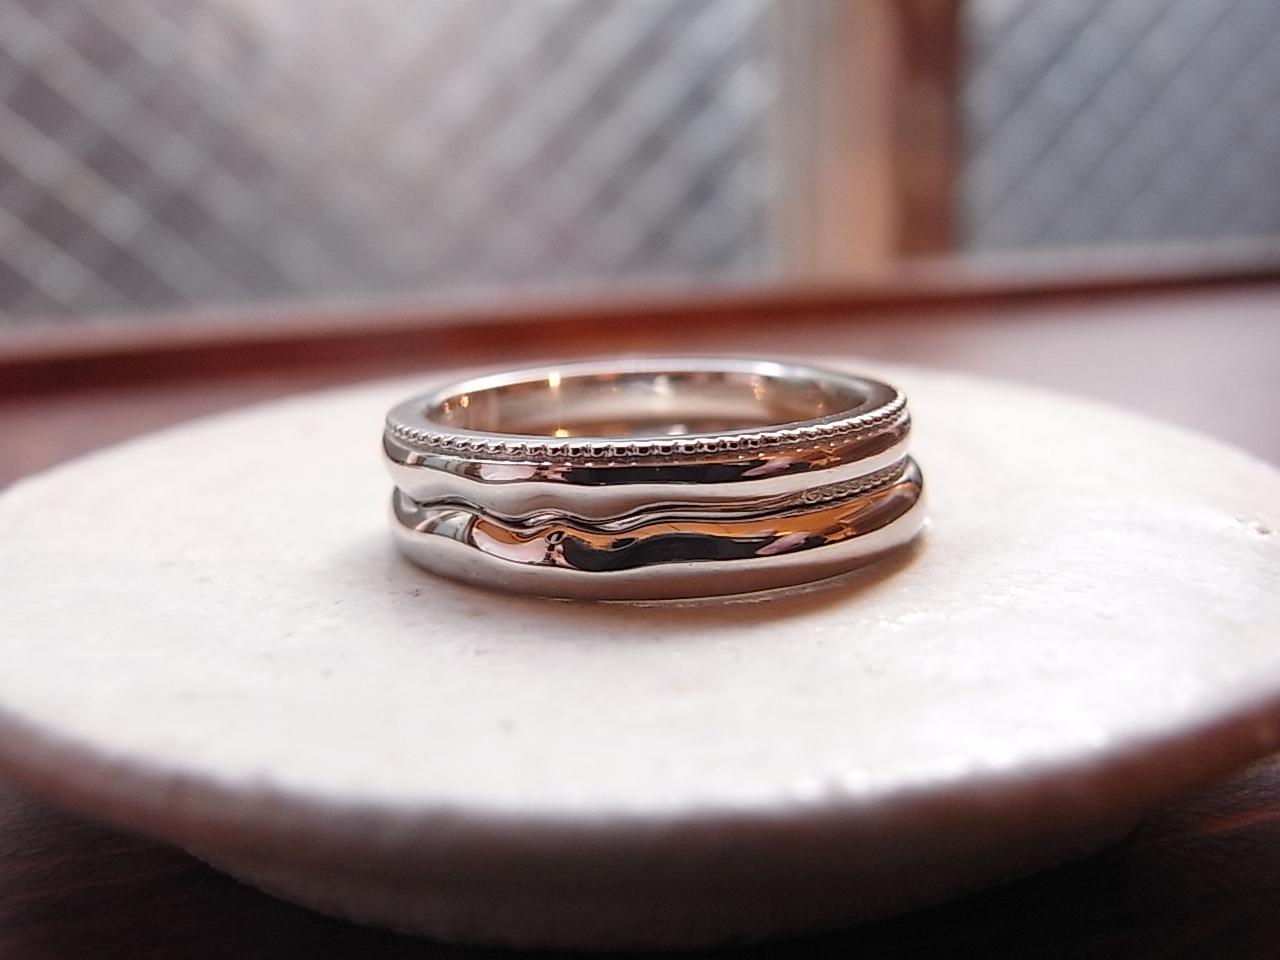 ミル 結婚指輪 福岡